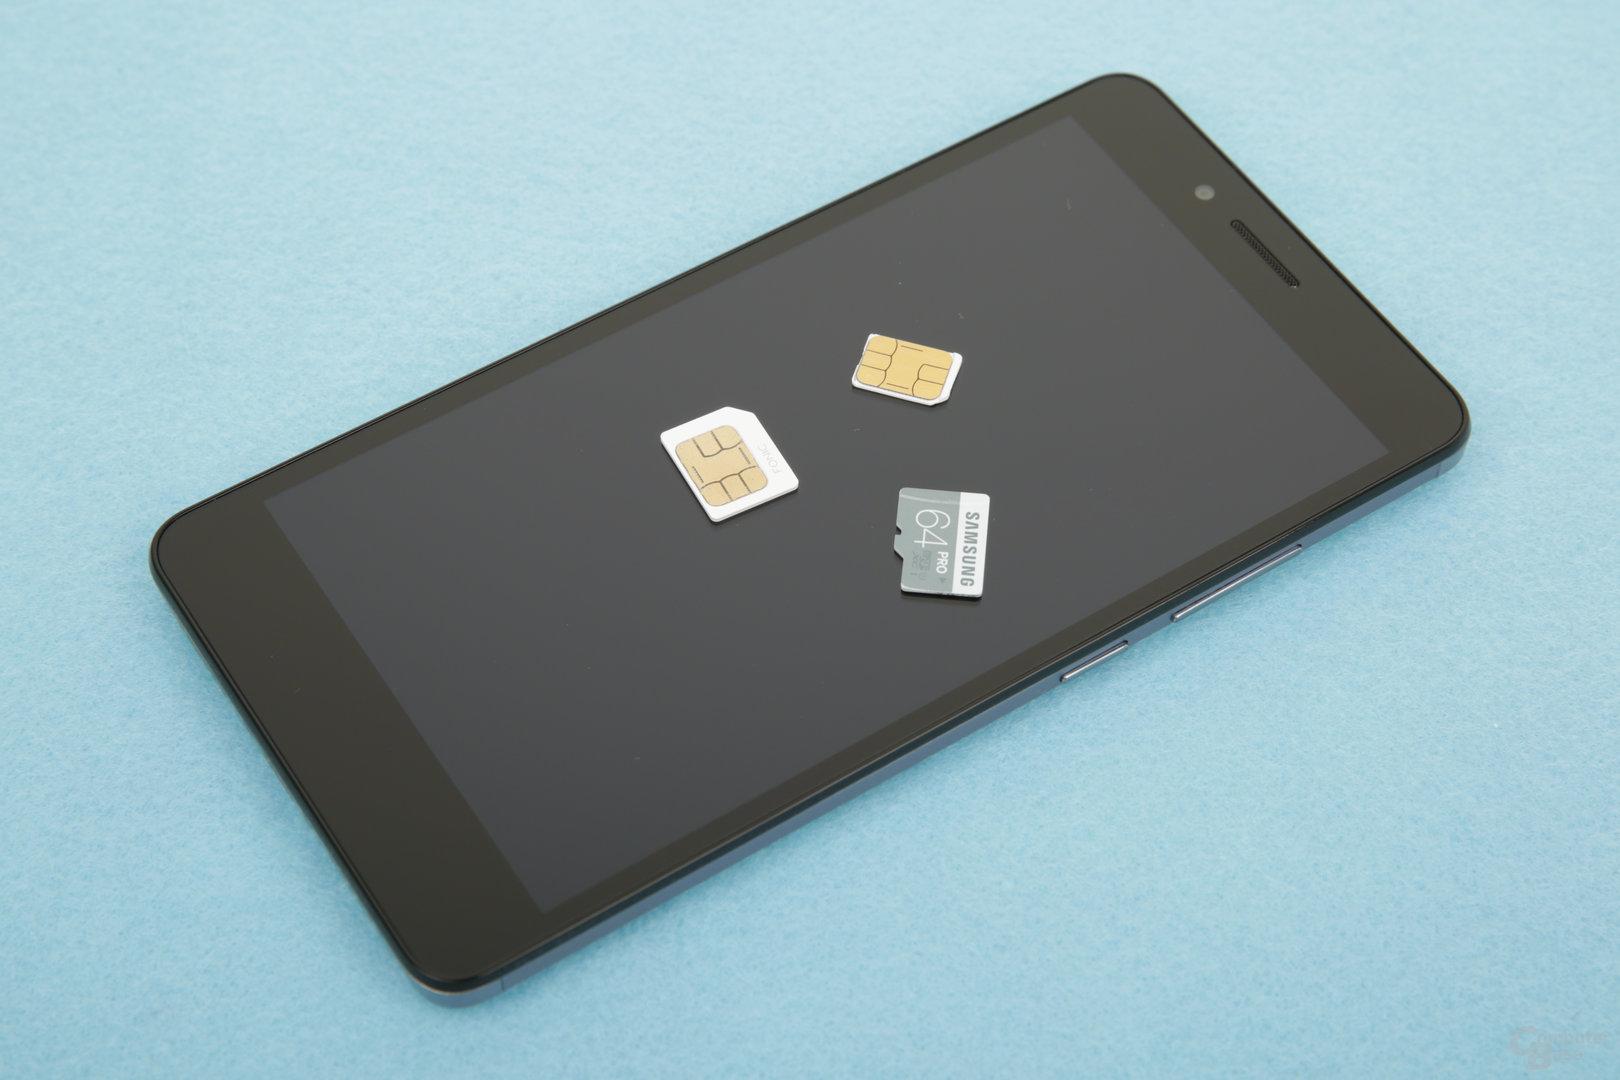 Platz für Nano-SIM, Micro-SIM und microSD